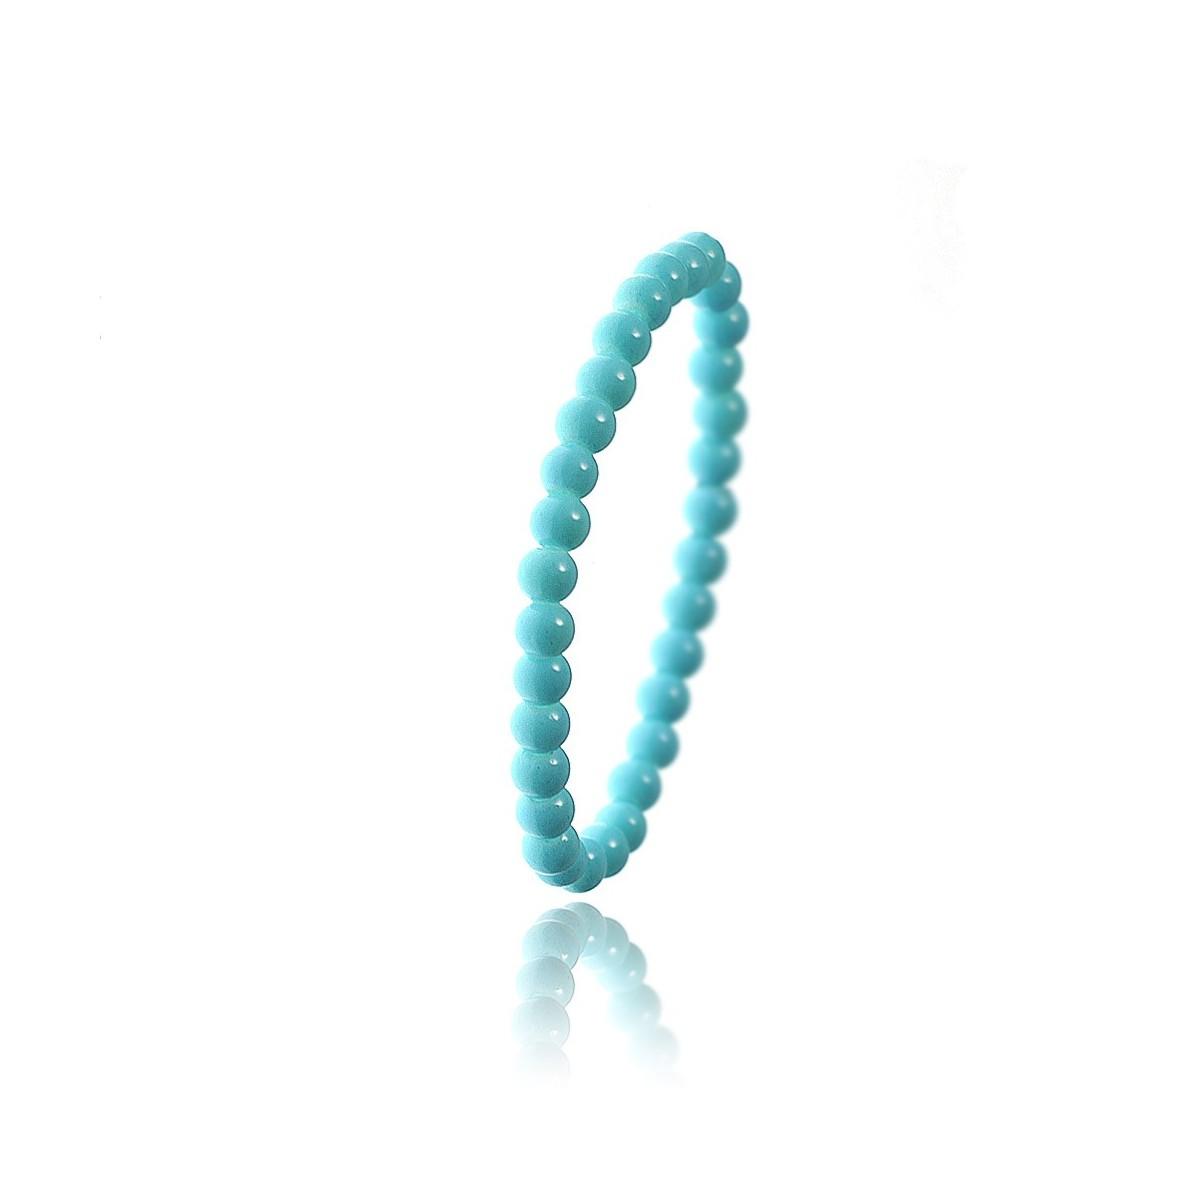 Bracelet orné de perles en verre bleu par So Charm